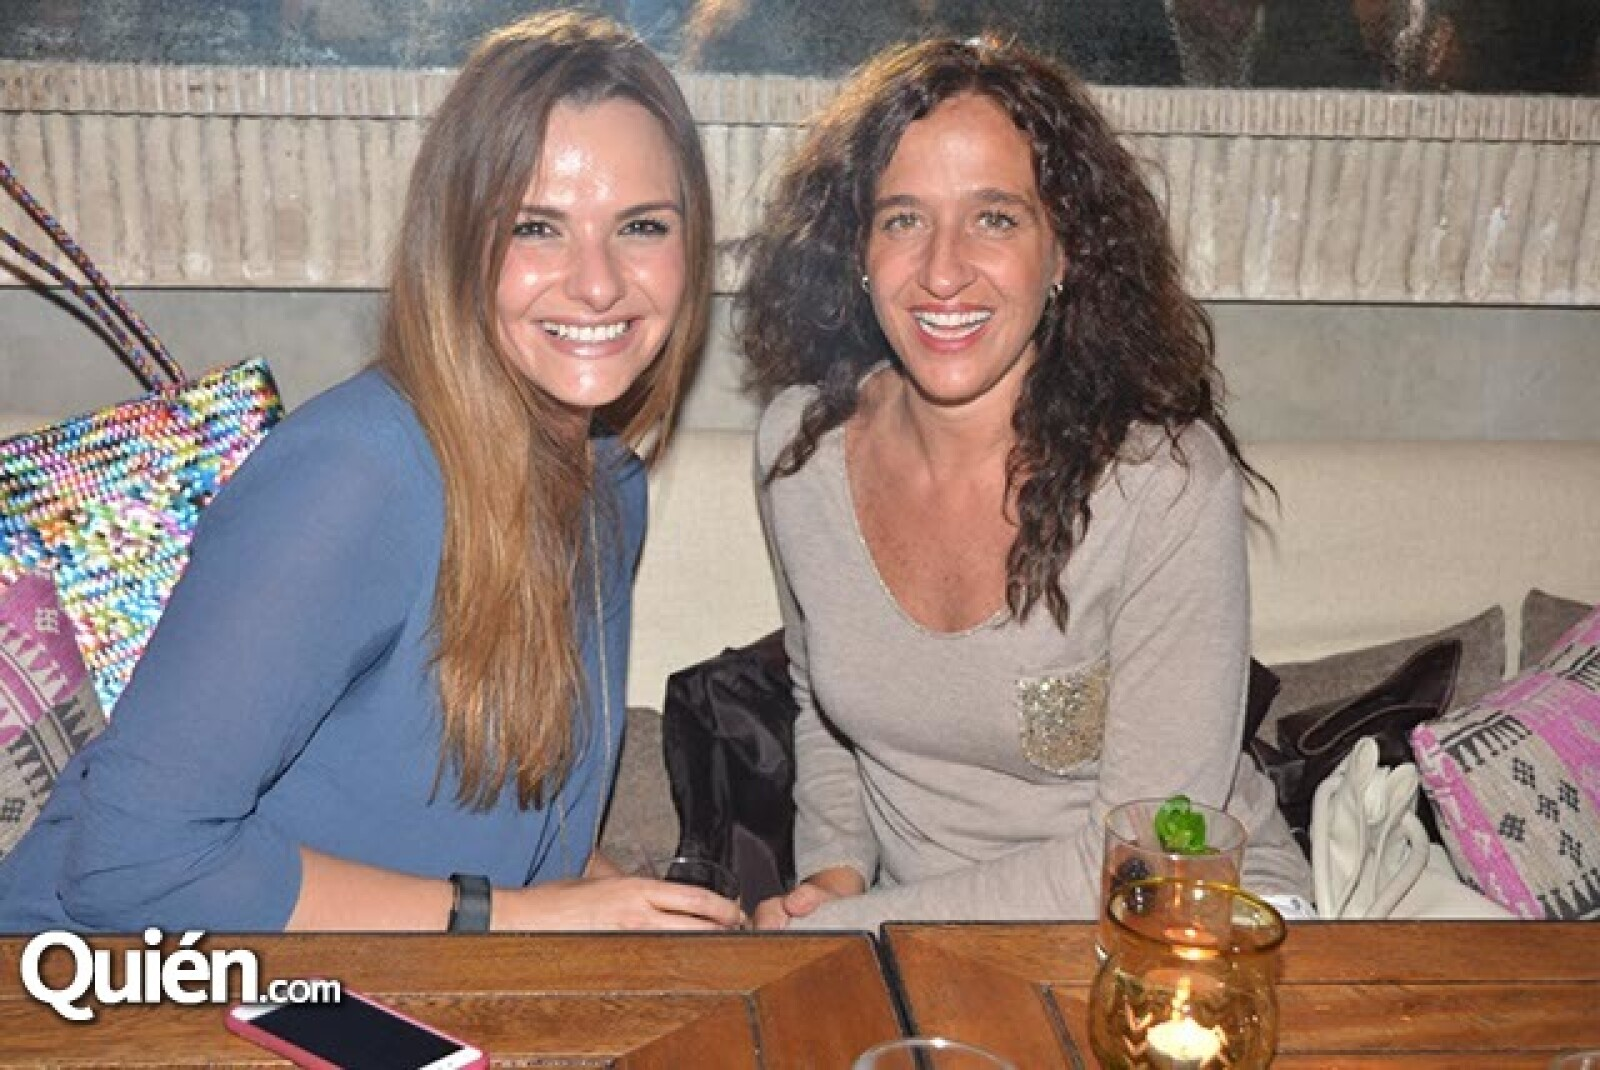 Alejandra Cano y Mariana Braun.